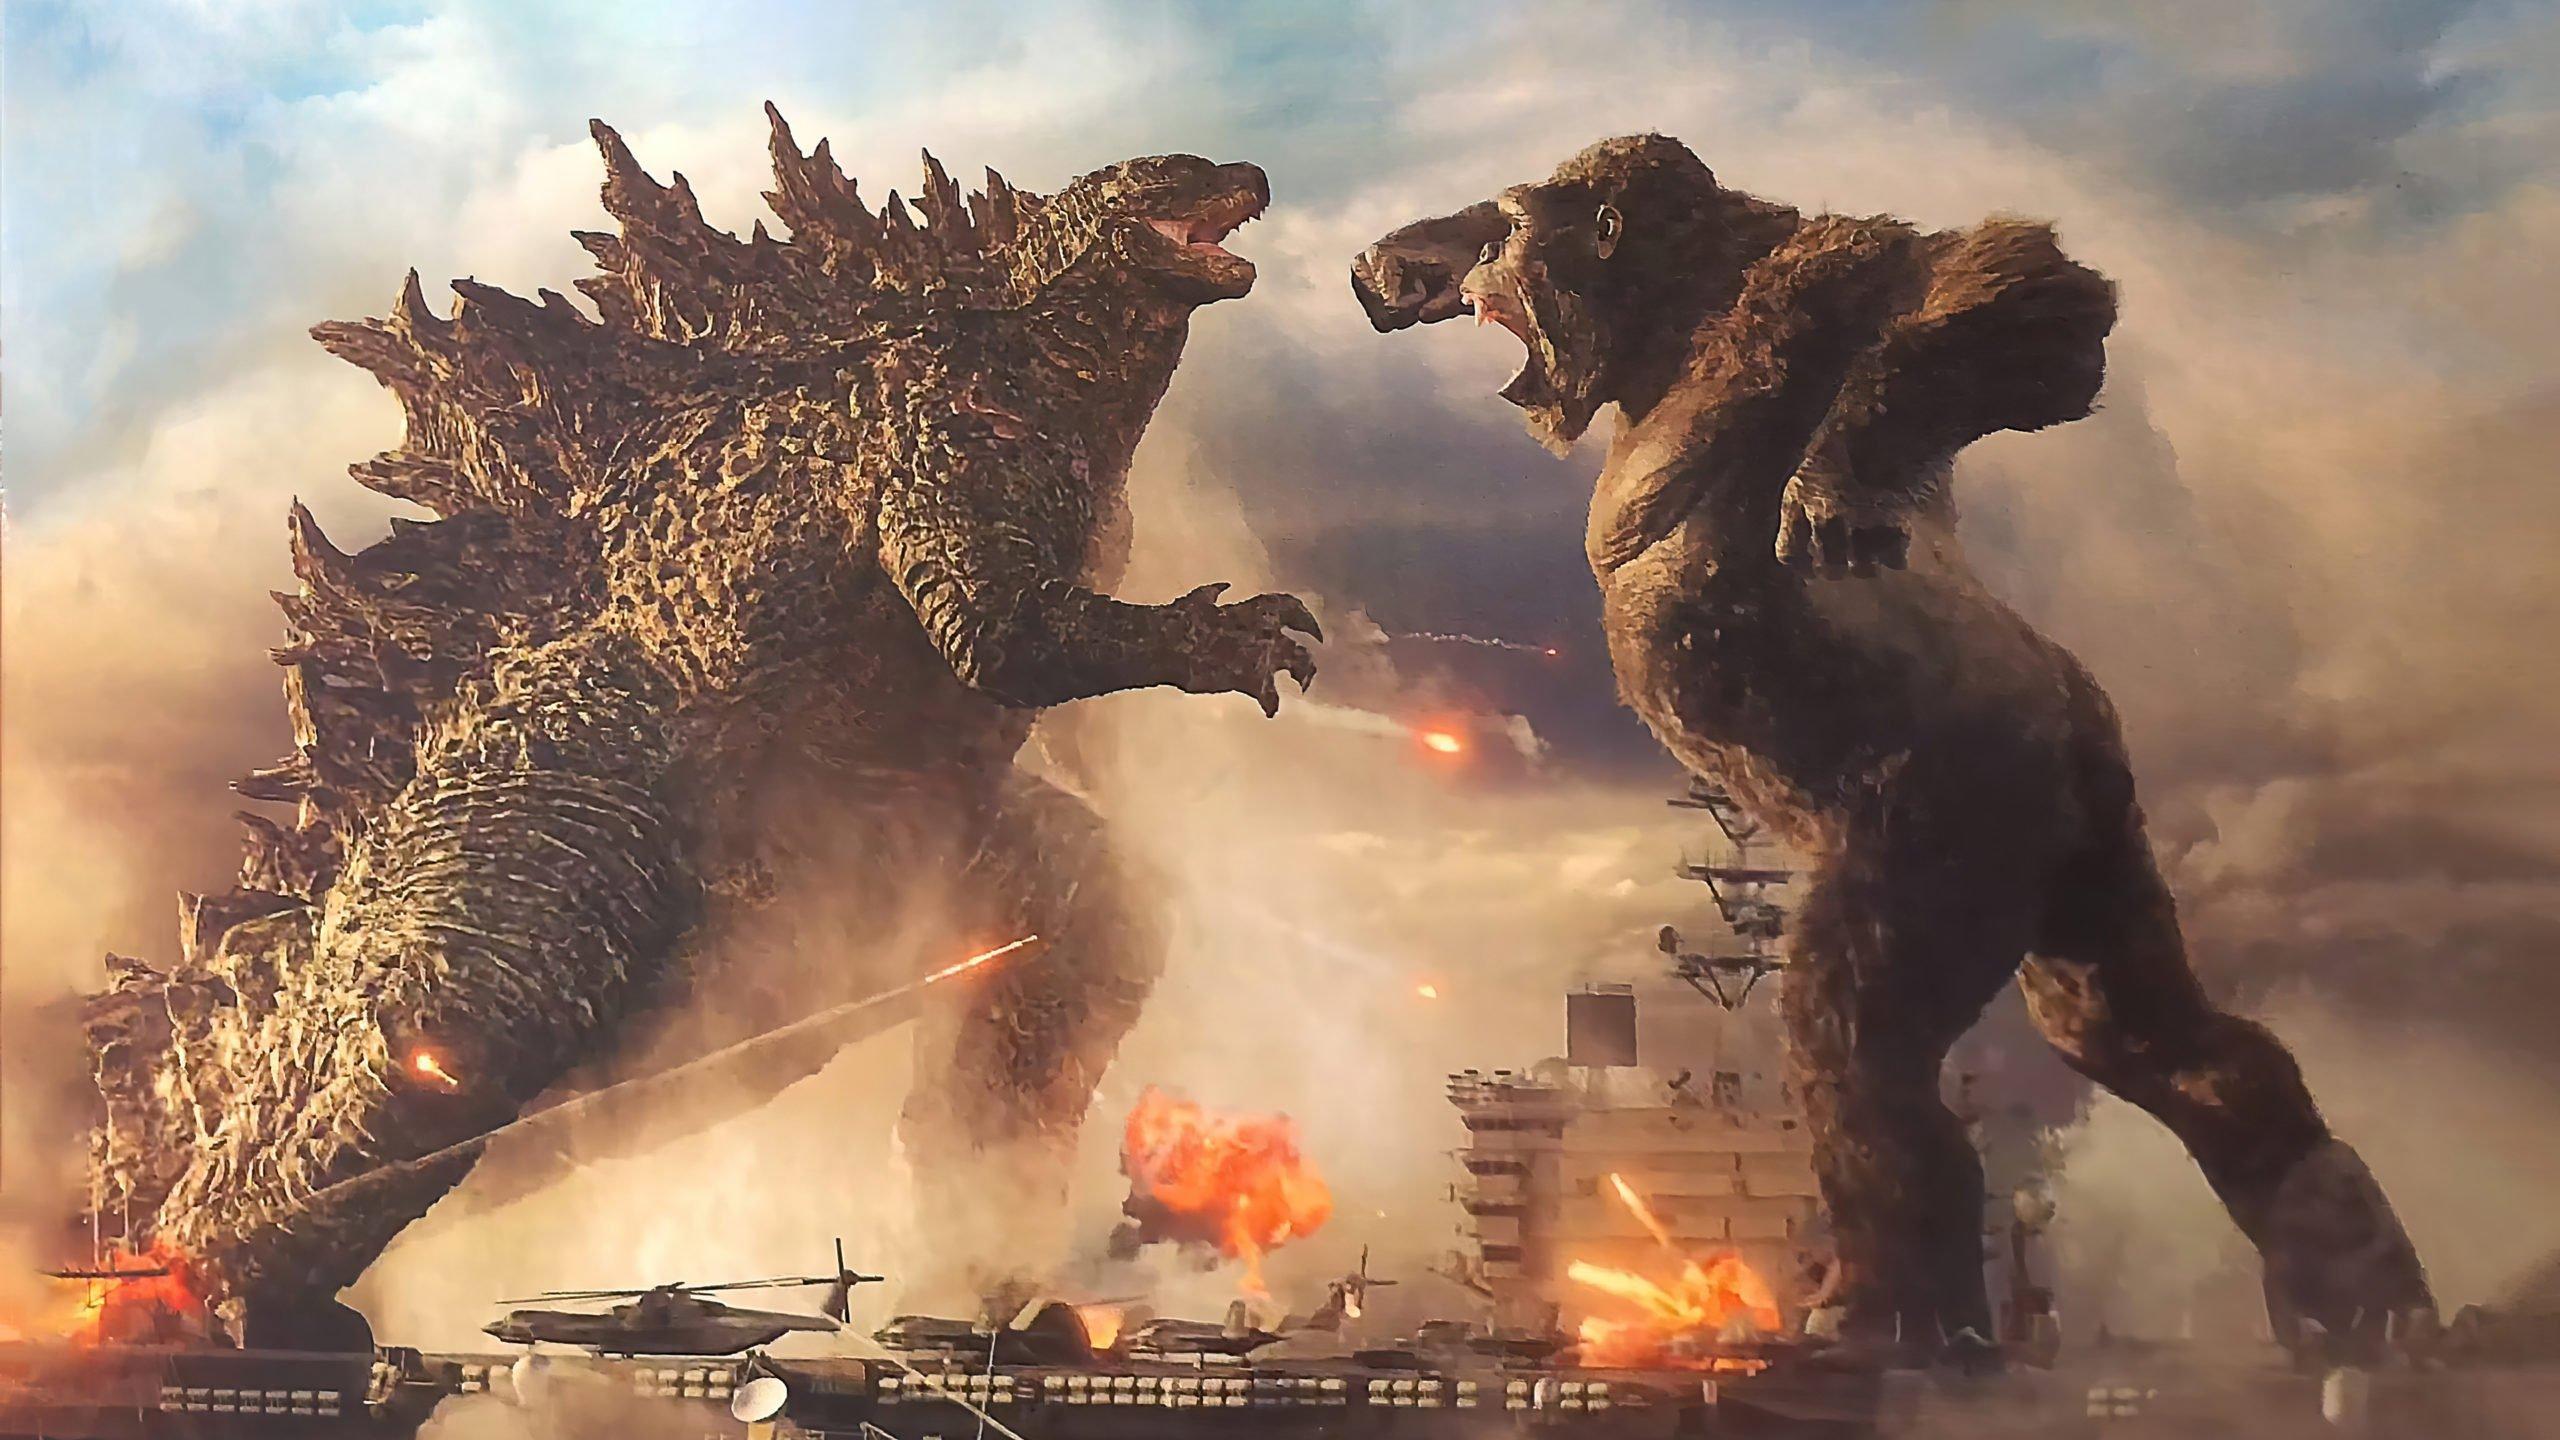 O grande lançamento da Warner Bros, Godzilla vs Kong foi novamente adiado, Originalmente, o filme deveria ser lançado em março de 2020.